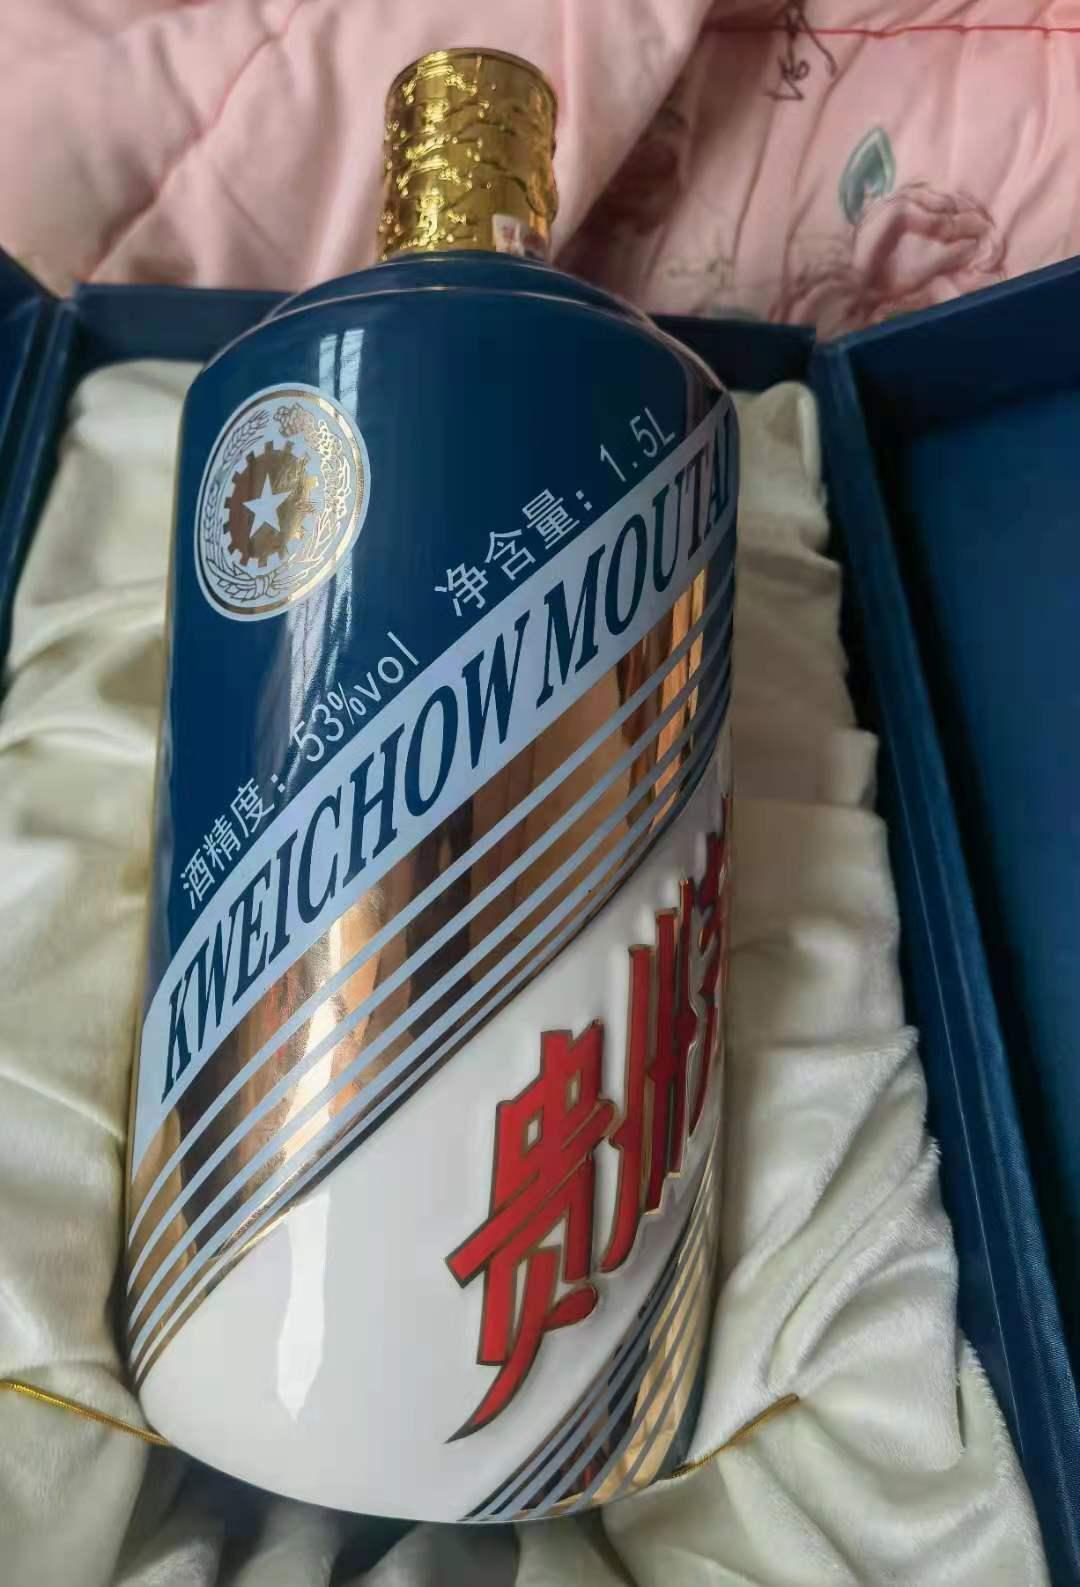 拉塔西空瓶礼盒回收价值多少钱一览表